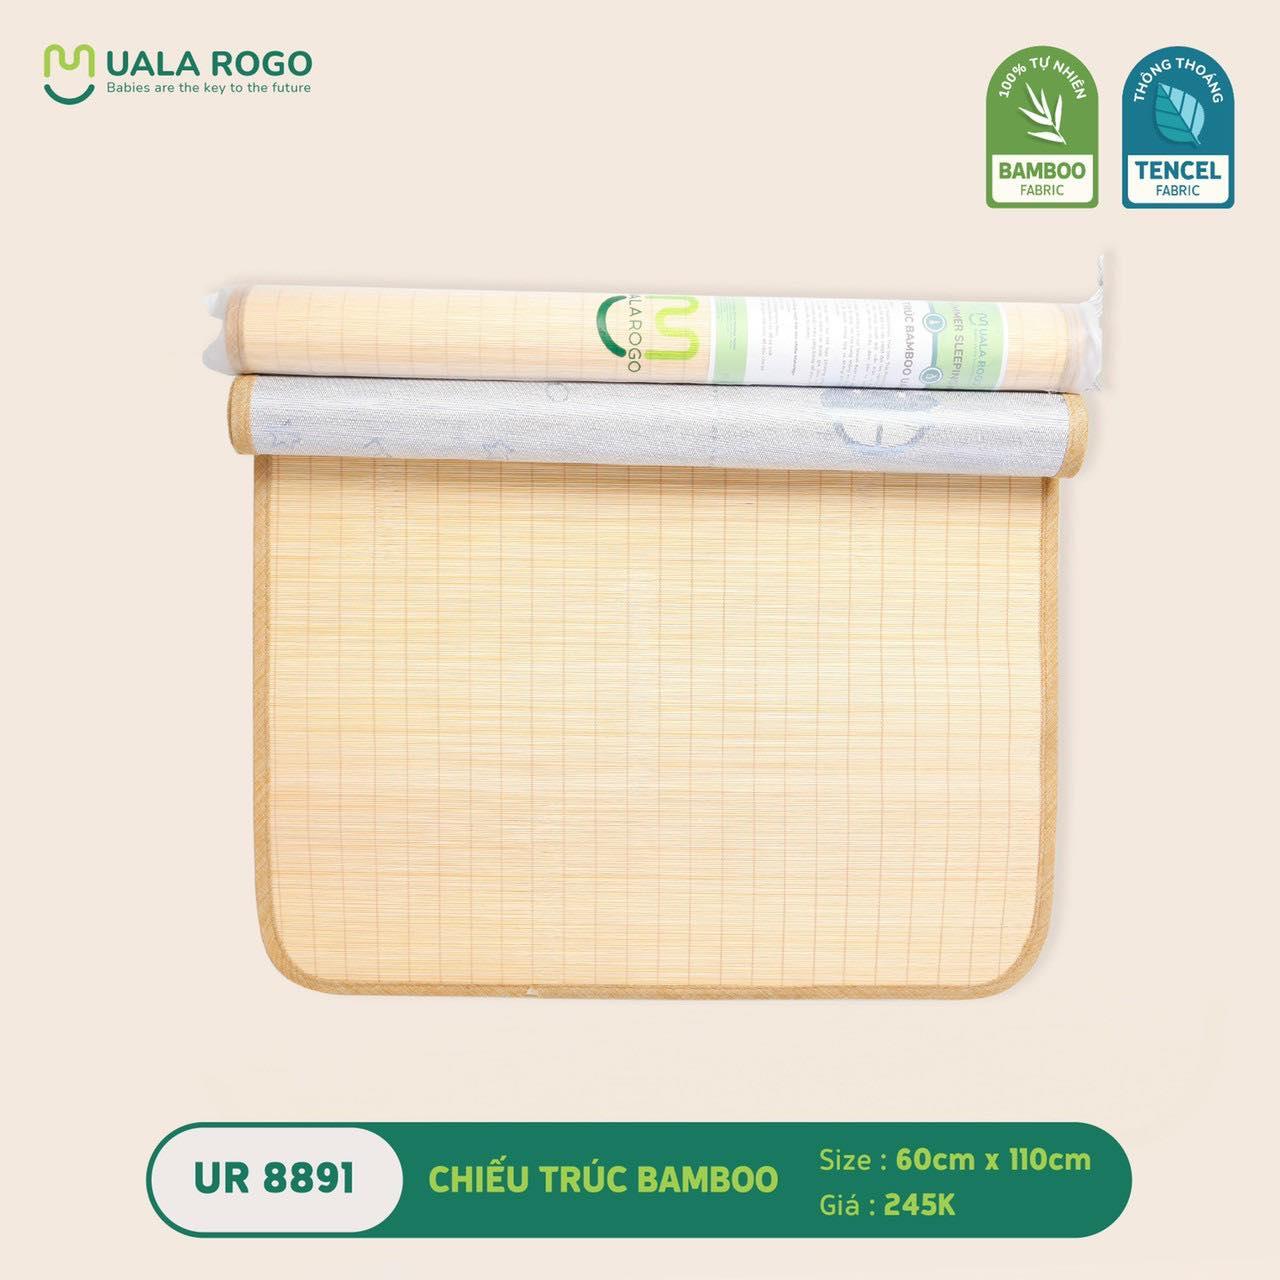 Chiếu trúc Bamboo Ualarogo